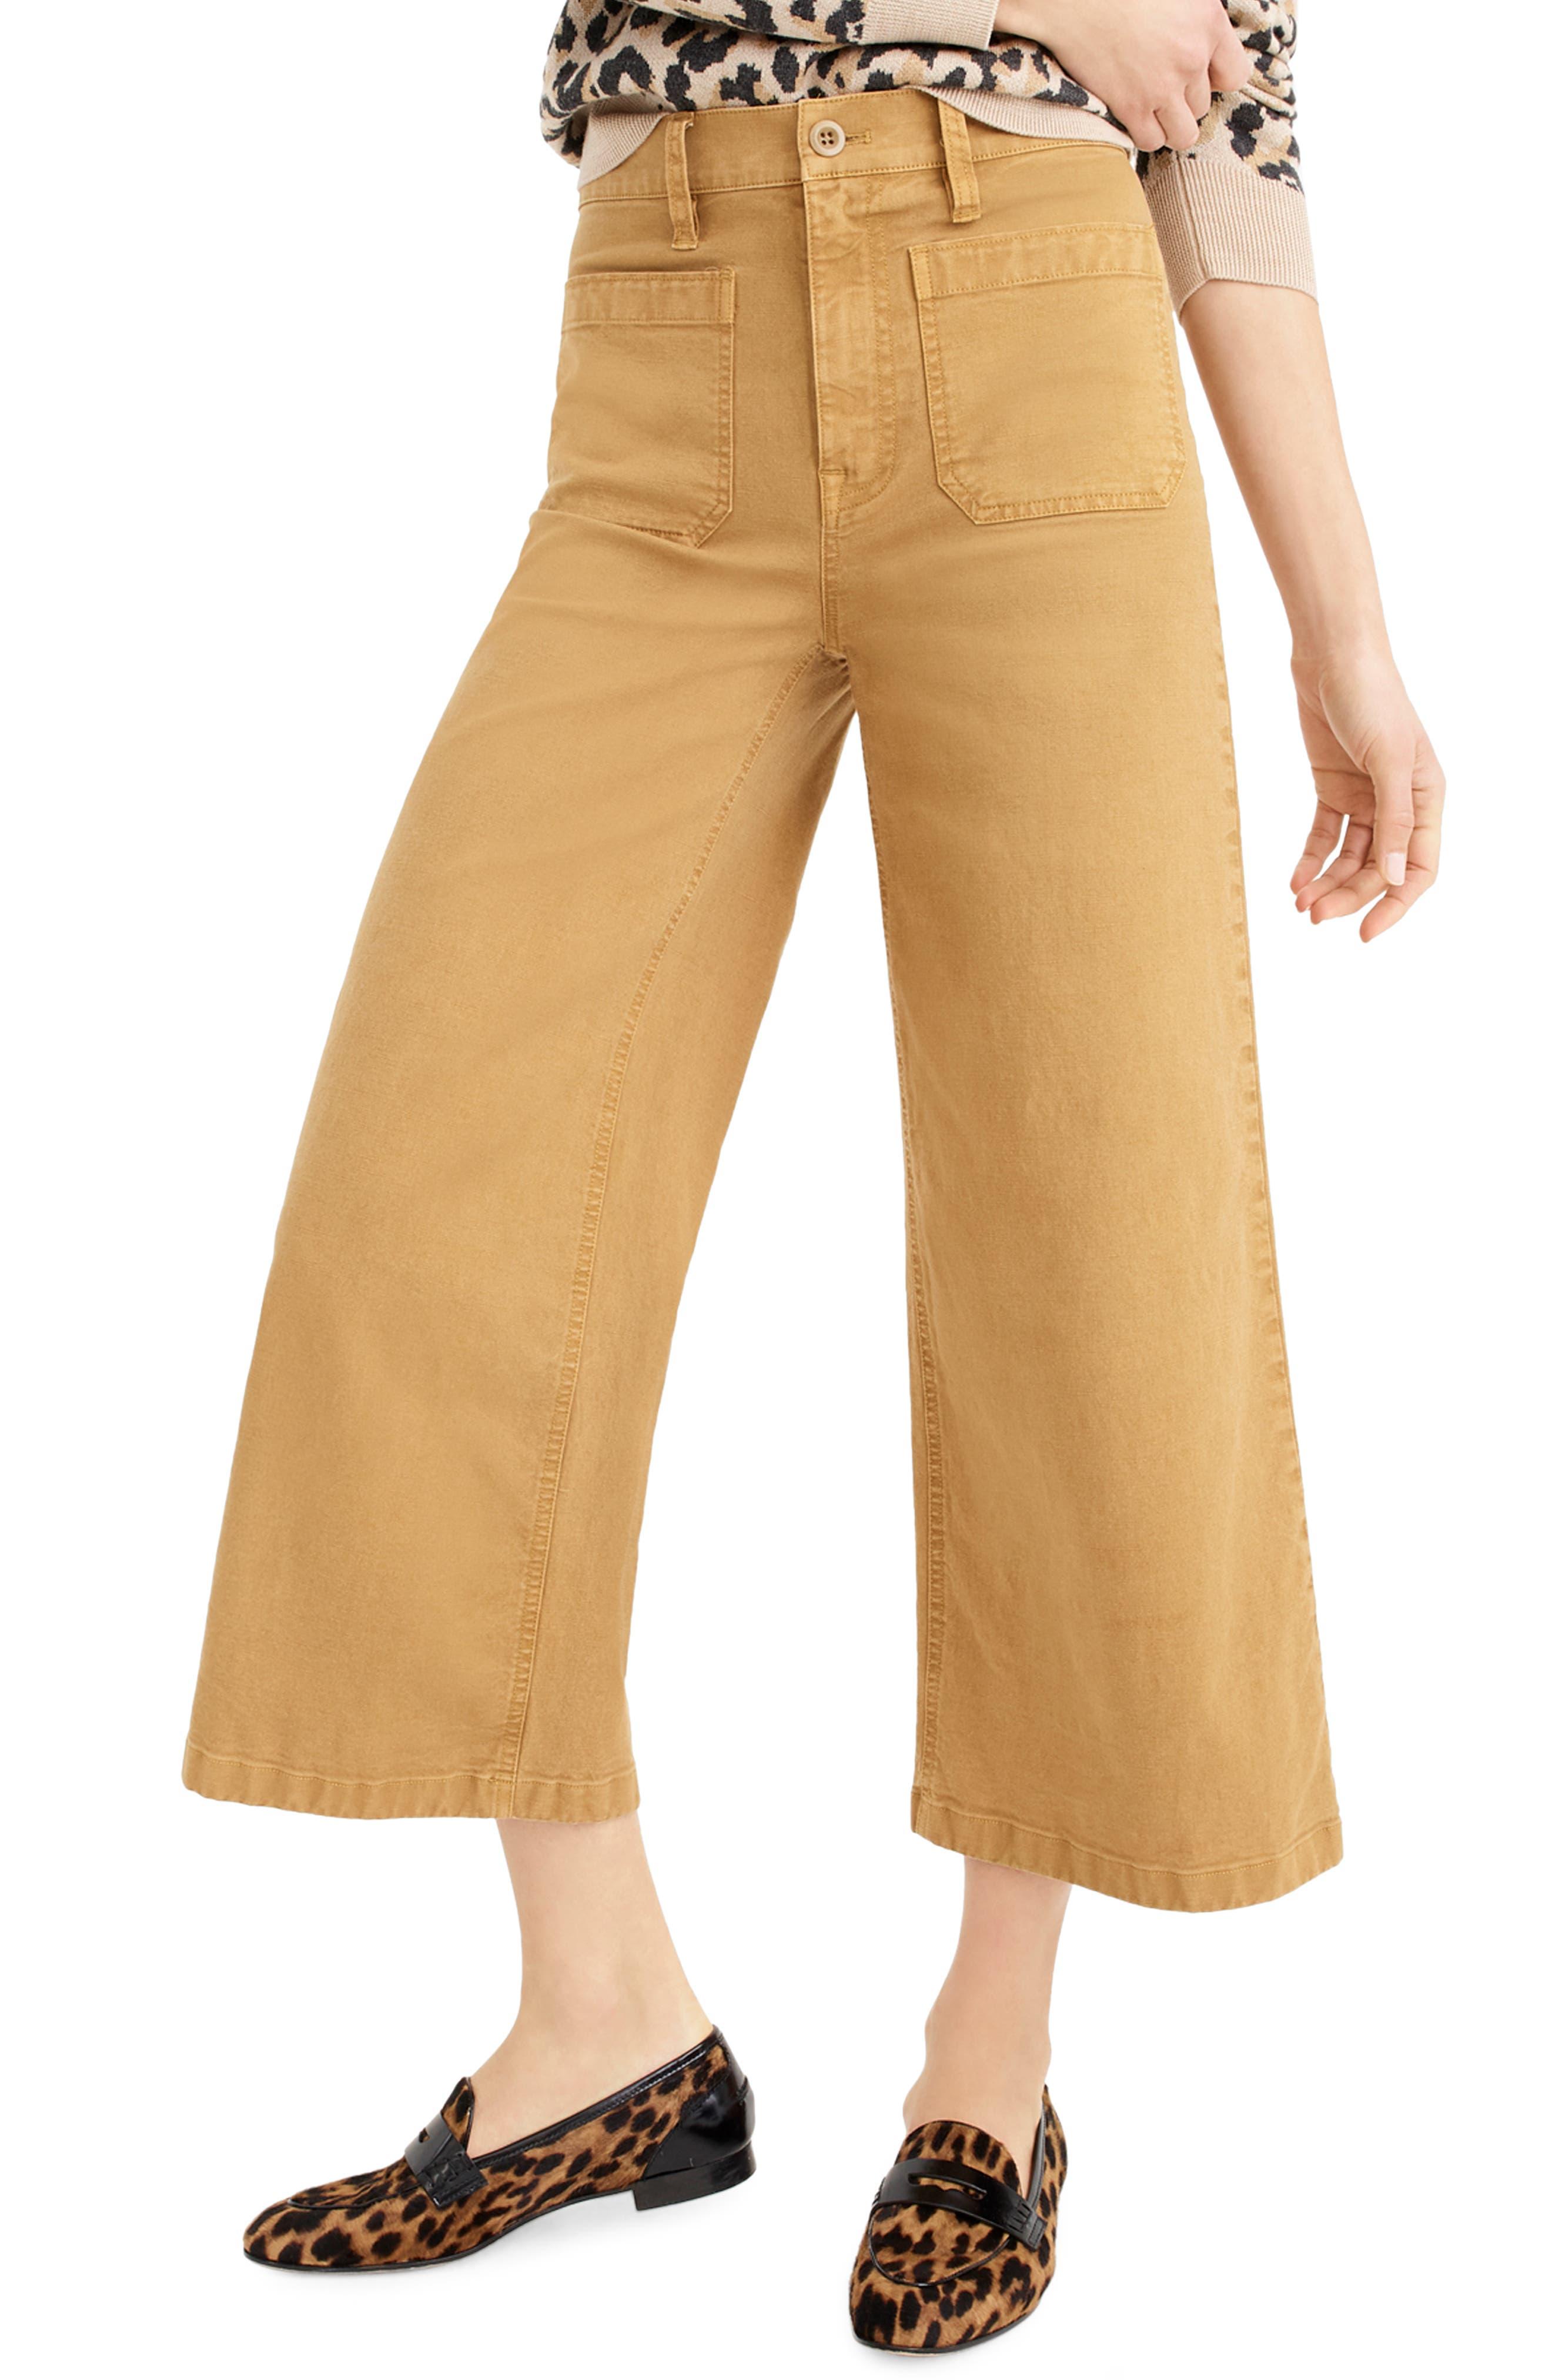 J.CREW, Point Sur Washed Wide Leg Crop Pants, Main thumbnail 1, color, CARAMEL